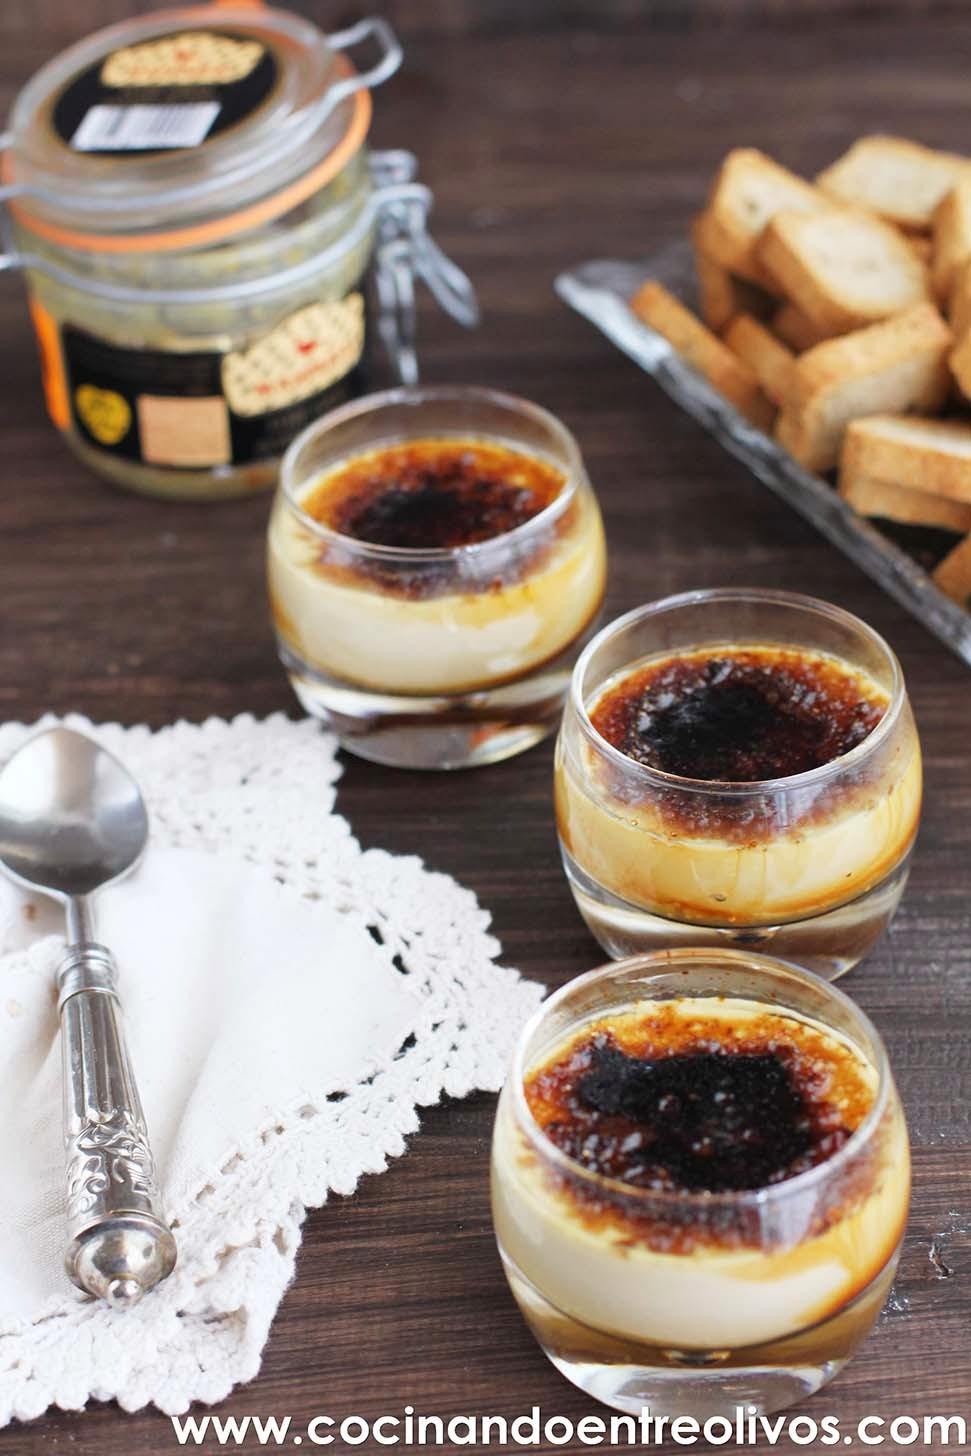 Cocinando entre olivos crema de foie con mermelada de for Cocinando entre olivos navidad